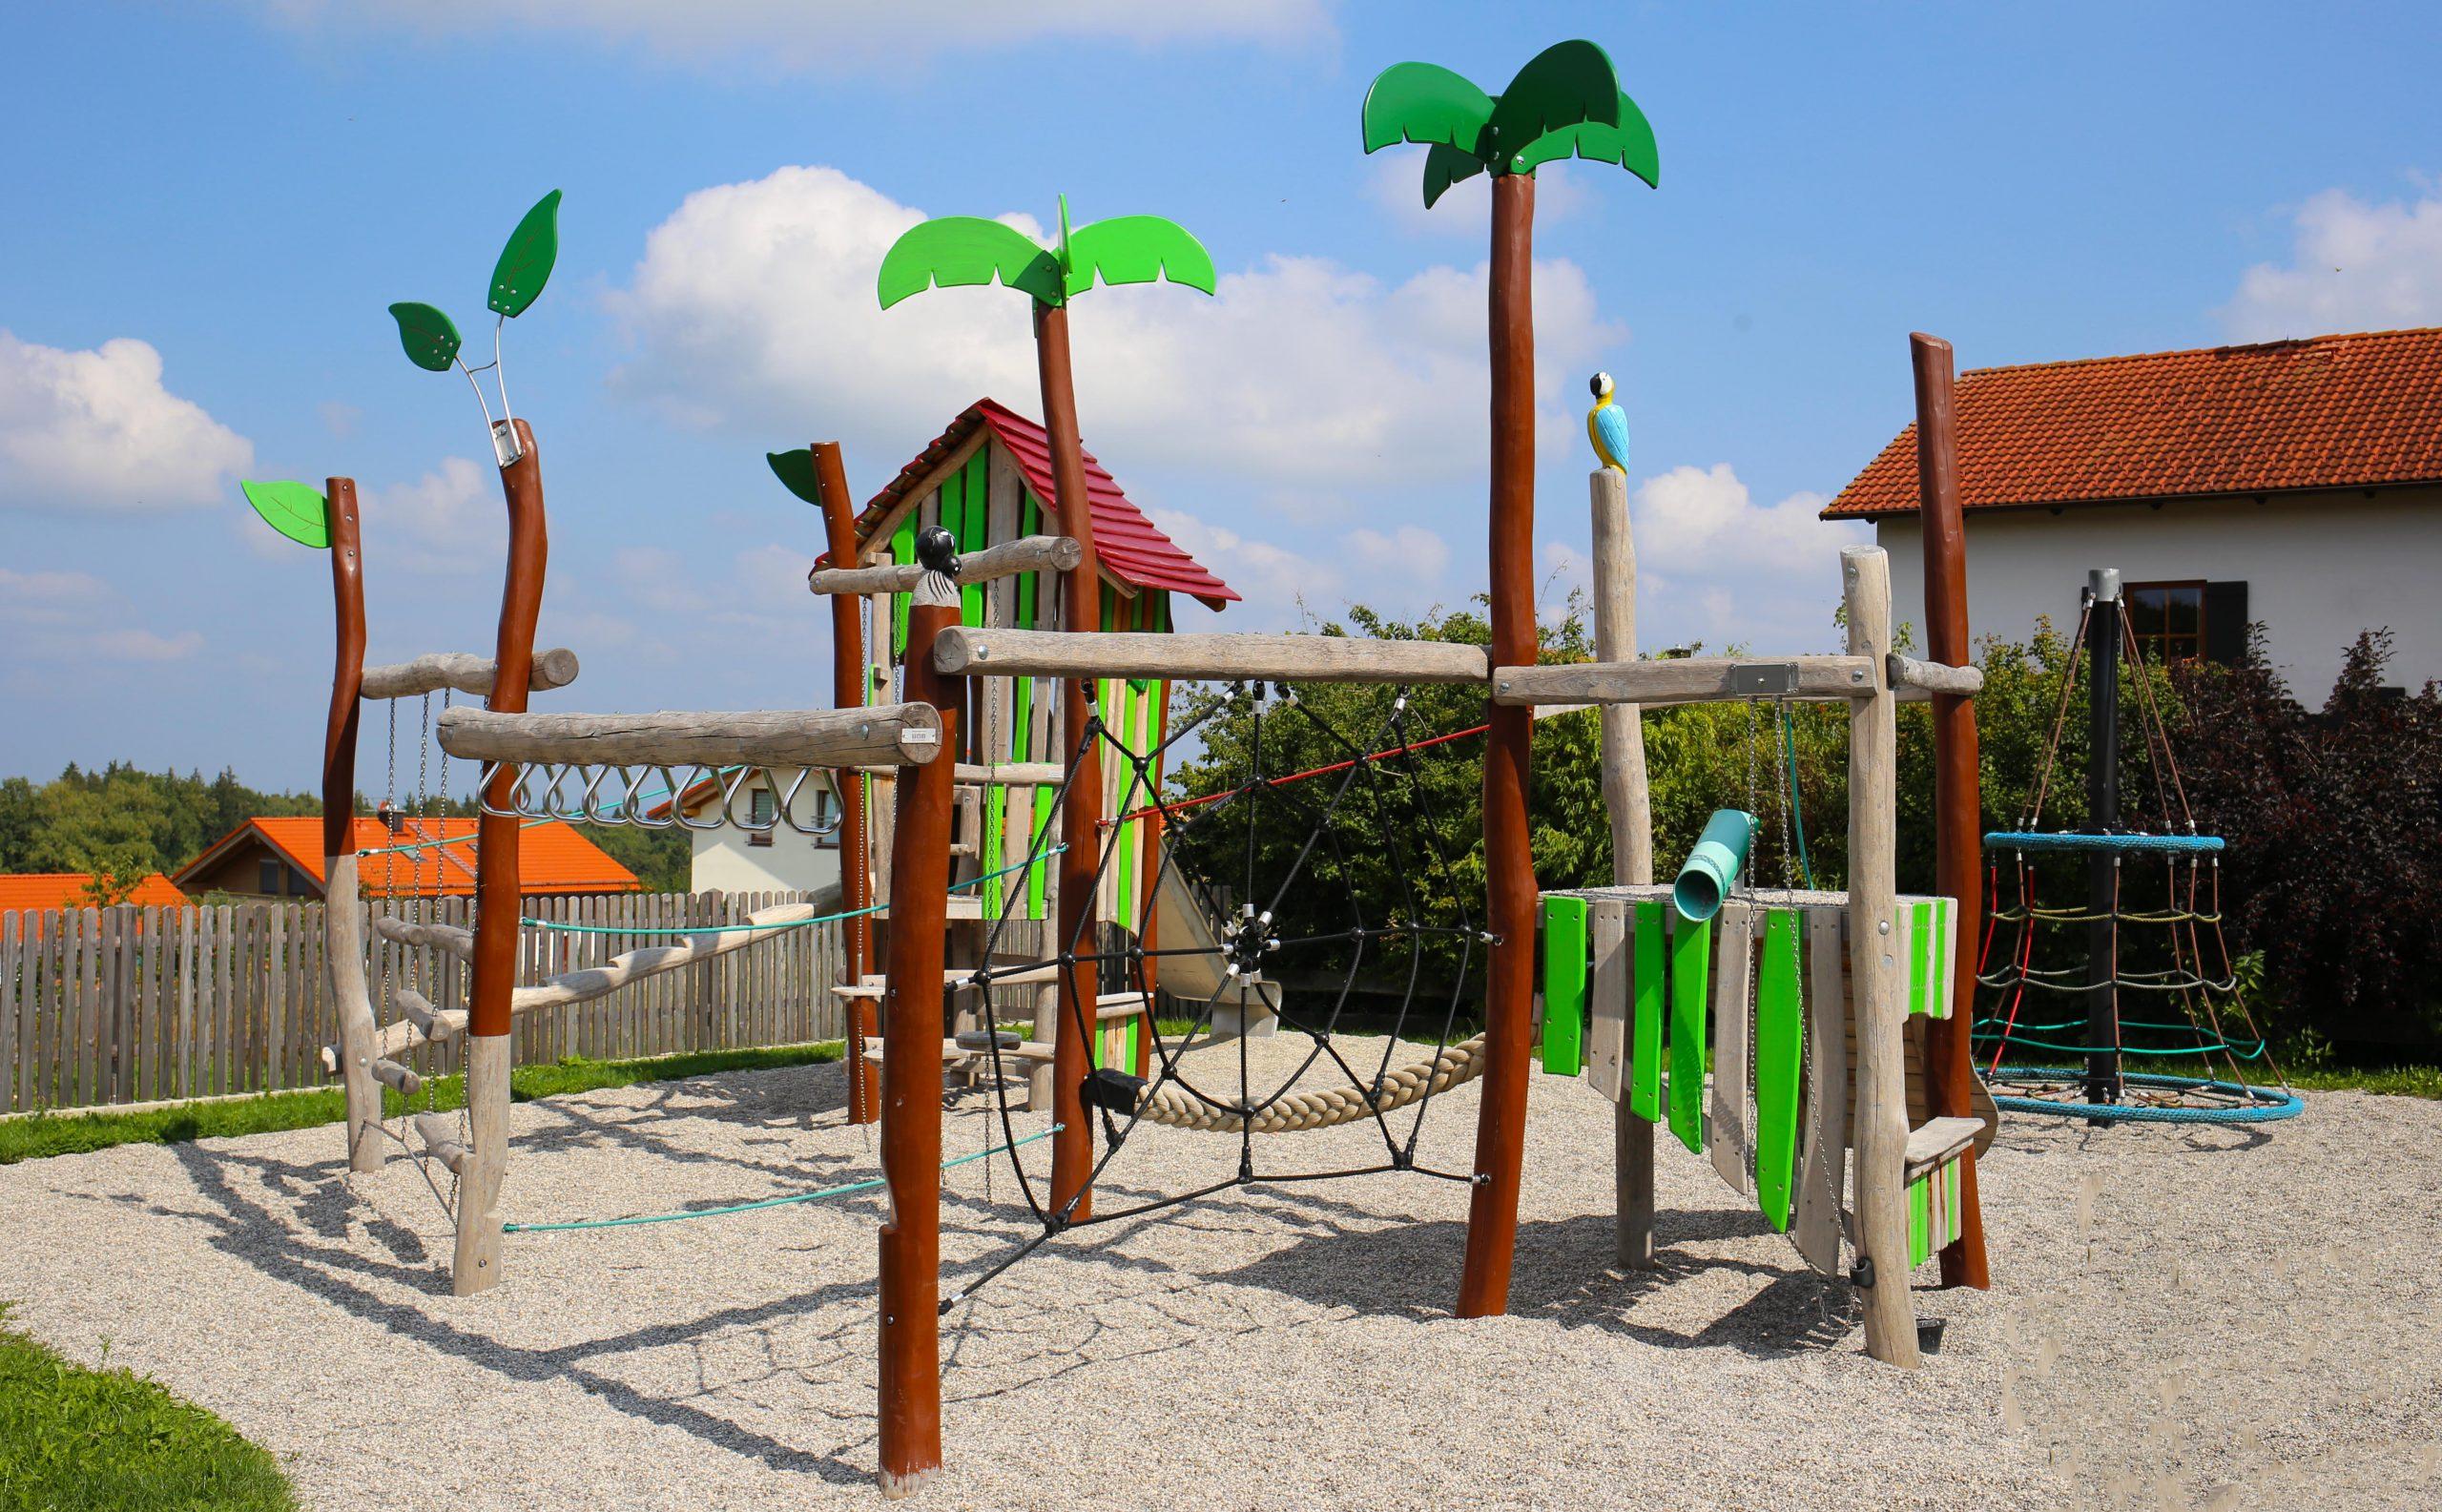 Themenspielplatz Robinson Safari Palmen Papagei Spielkombination Robinie Naturgewachsen Robinie Spielplatz Langlebig Sonderbau Liebe Detail Kletterkombination